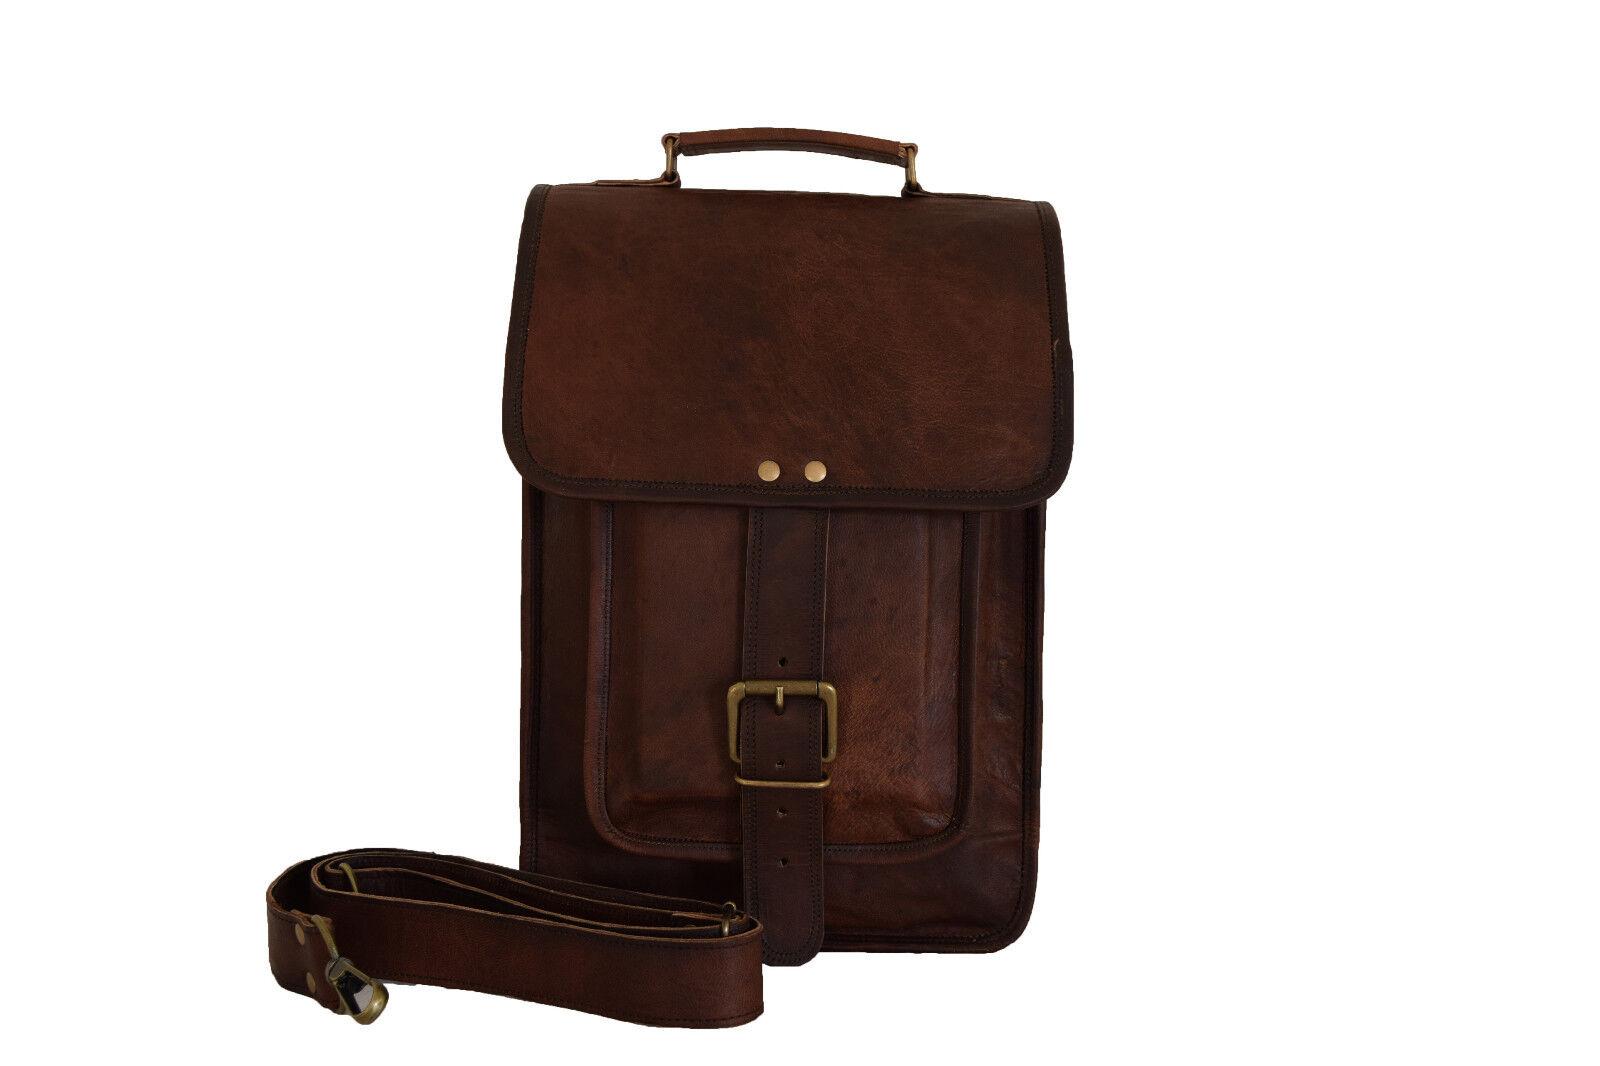 Leder Umhängetasche Aktentasche 13 Zoll Laptop Schultertasche Messenger Bag